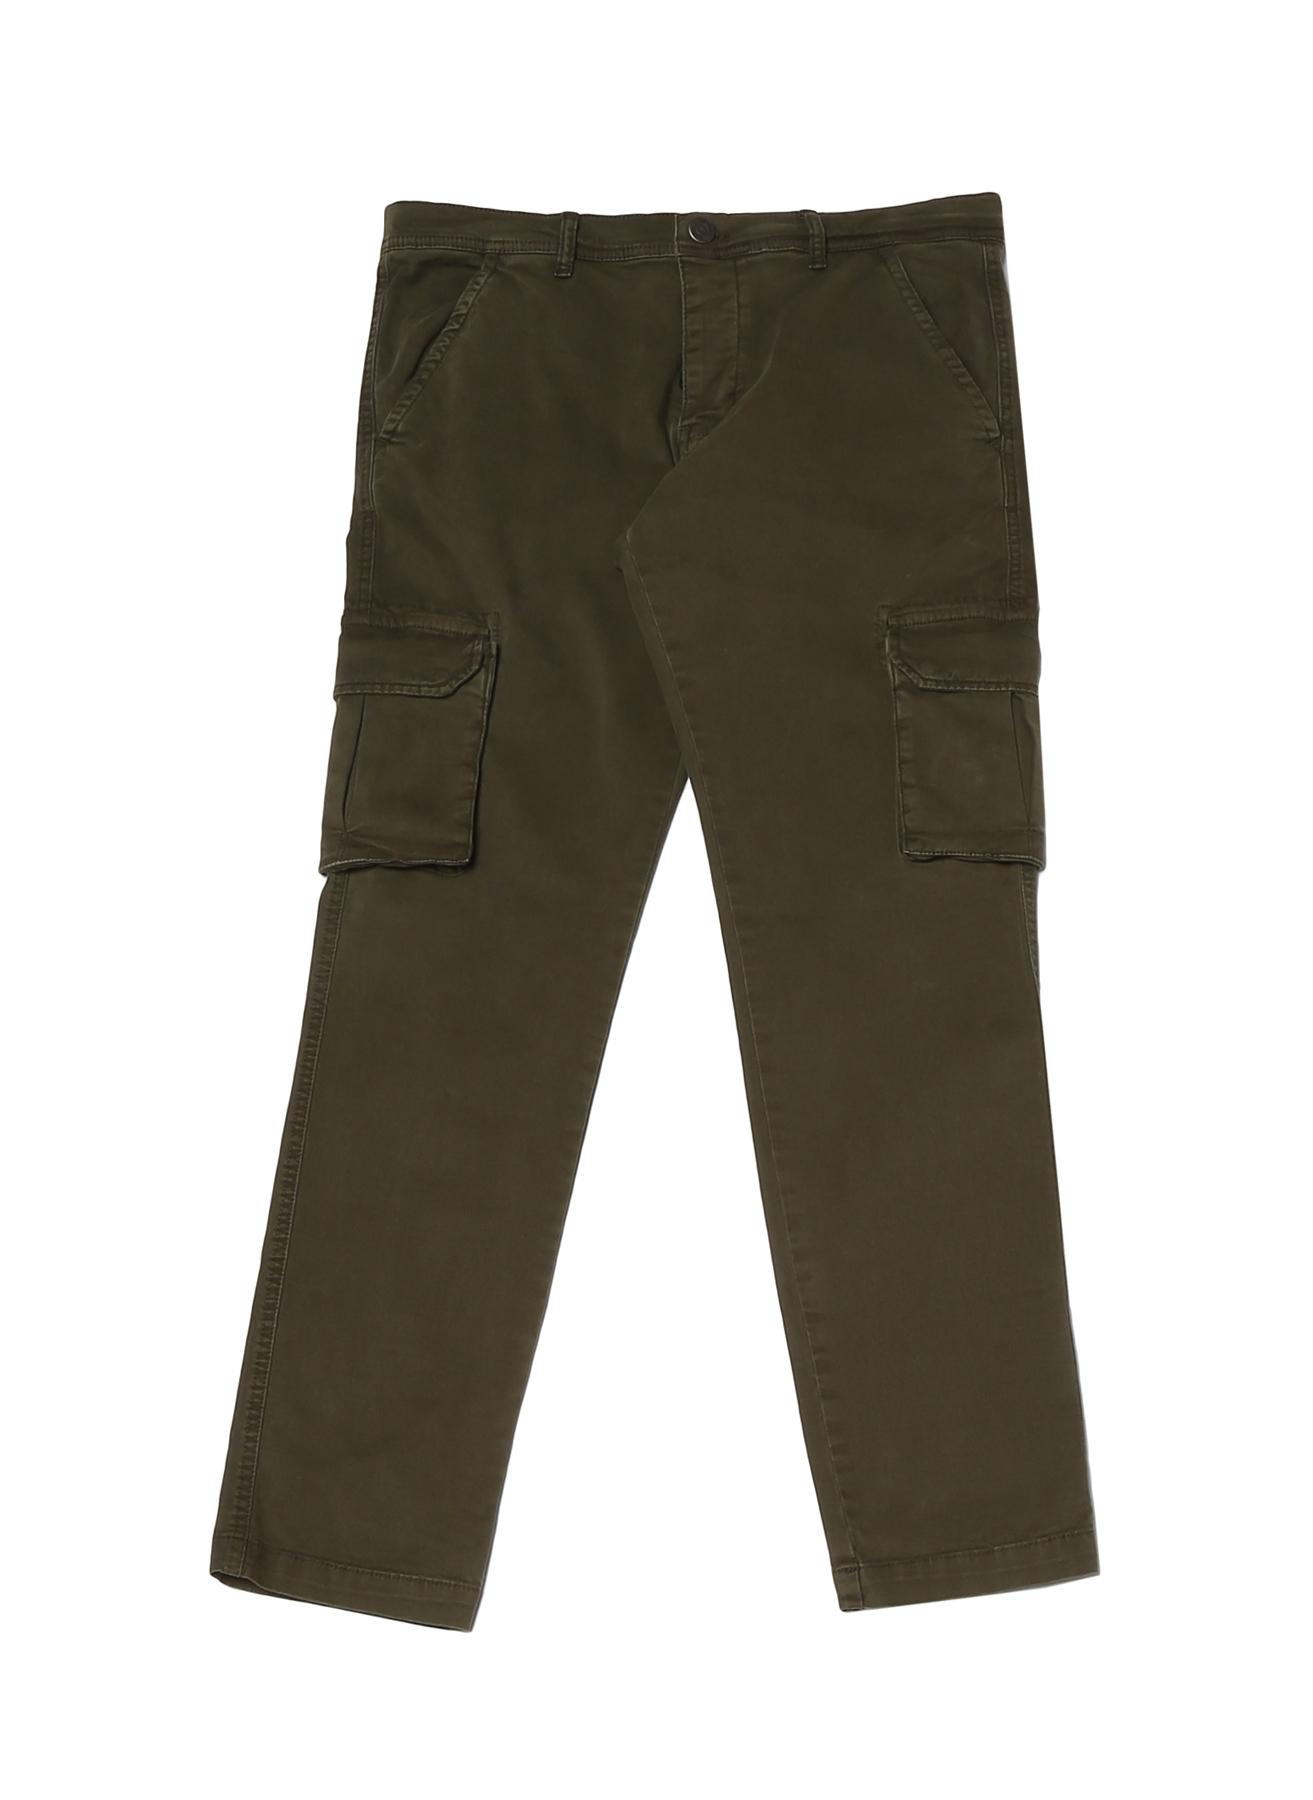 Loft Haki Kargo Klasik Pantolon 33-32 5000223842005 Ürün Resmi